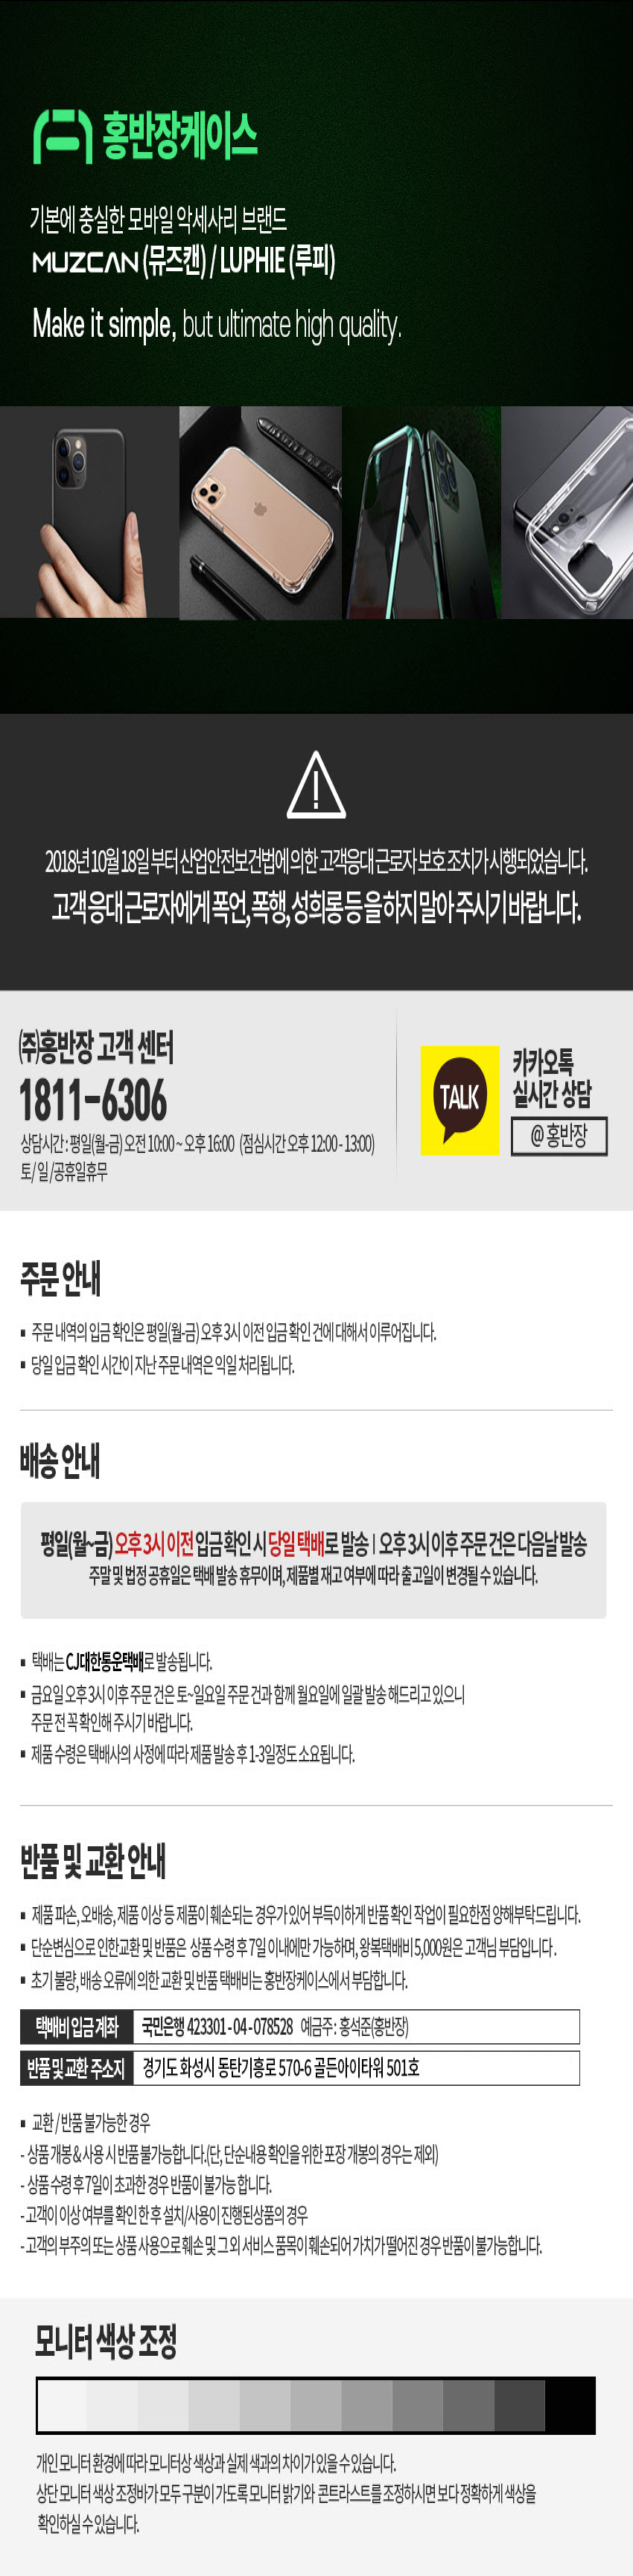 뮤즈캔 갤럭시노트10 플러스 360도 전면 마그네틱 디펜스 케이스 - 홍반장케이스, 35,800원, 케이스, 갤럭시 노트10